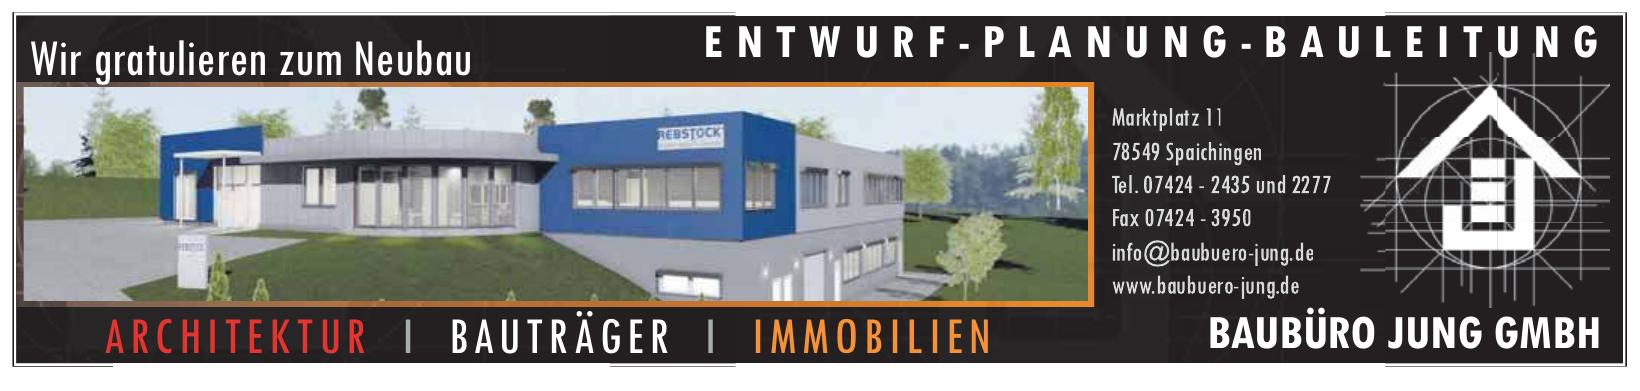 Baubüro Jung GmbH